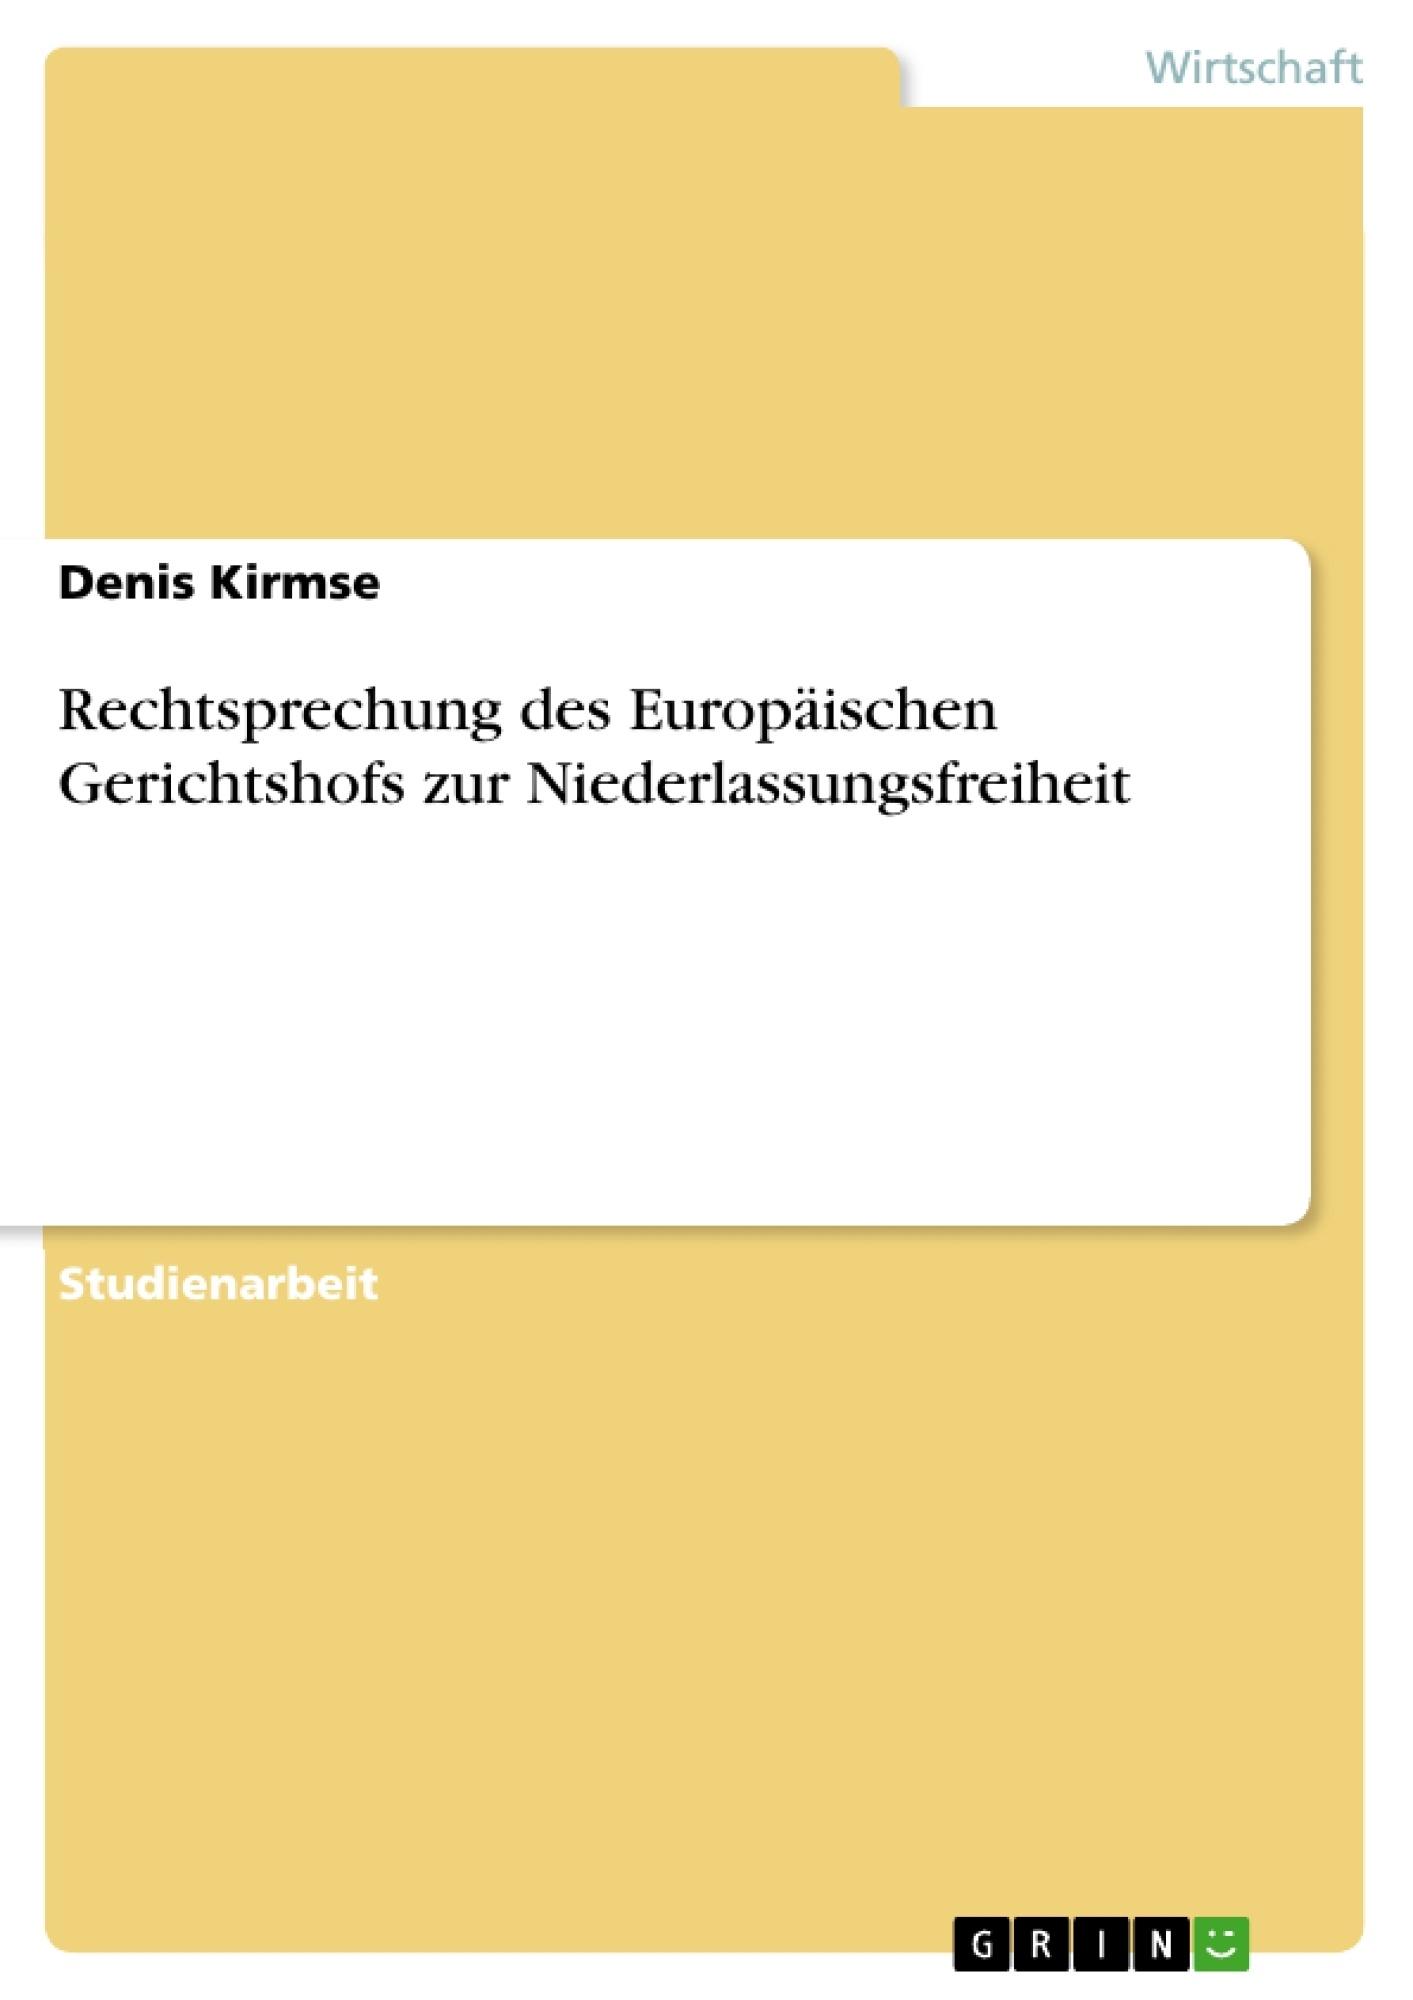 Titel: Rechtsprechung des Europäischen Gerichtshofs zur Niederlassungsfreiheit